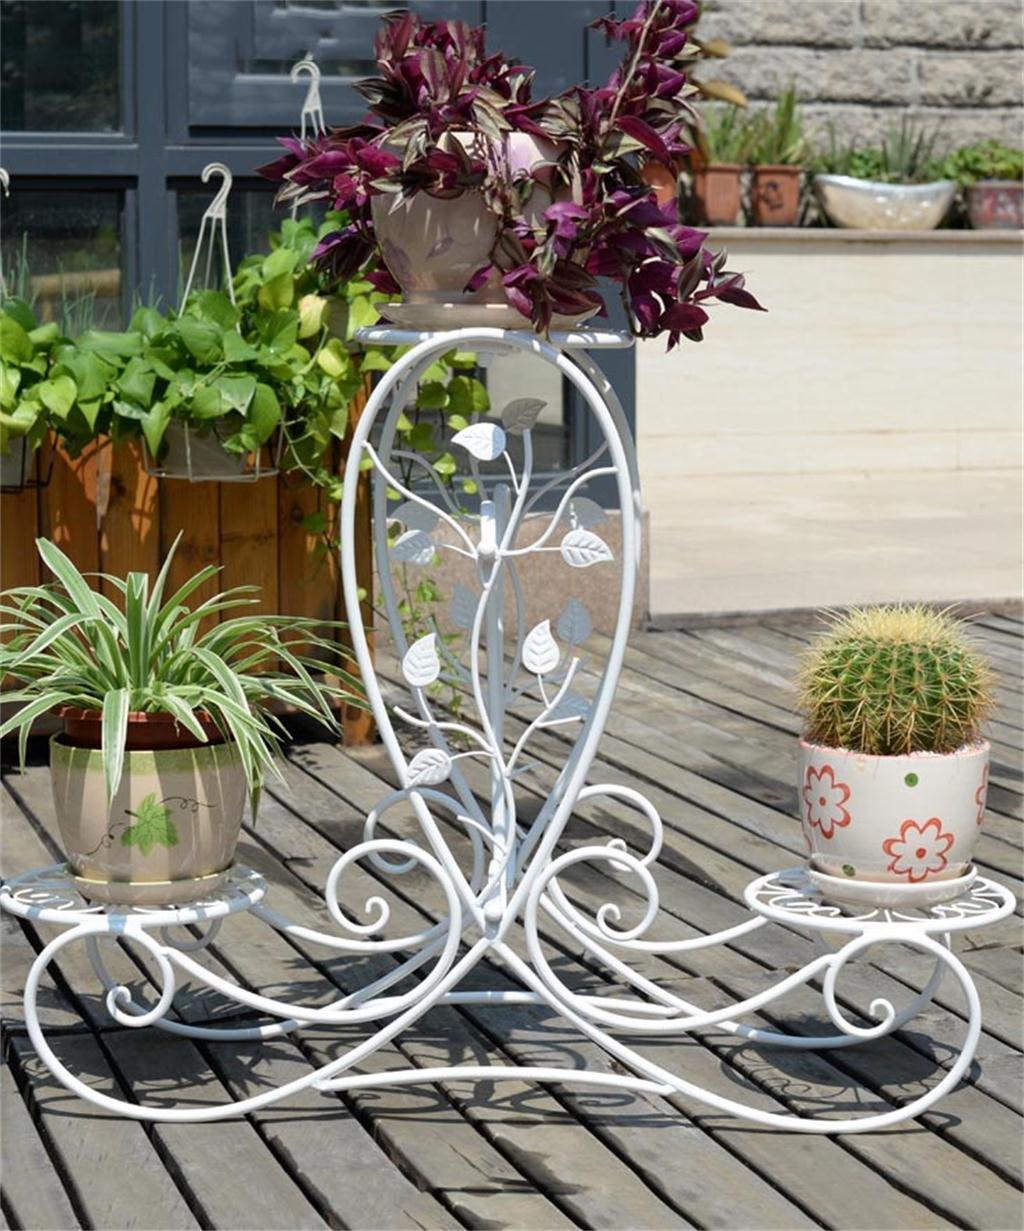 XYZ Europäische - Stil Kreative Retro - Eisen 3 - Tier Boden Flower Pot Regal, Pflanzen stehen, Chlorophytum Blume Rack für Balkon, Wohnzimmer, Indoor Empfindlich haltbar ( farbe : Weiß )